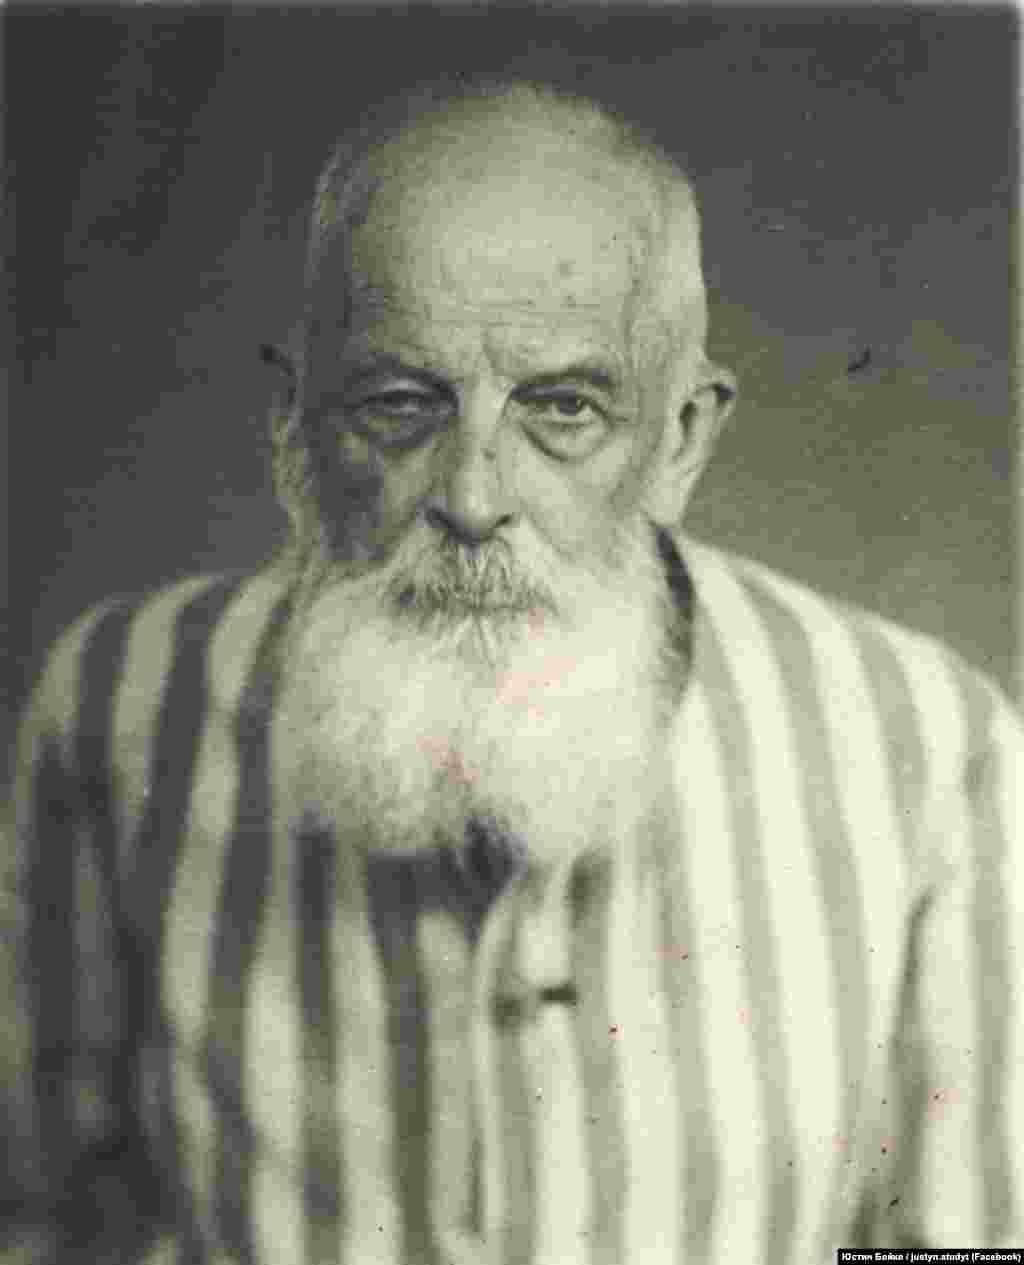 Фотографія архимандрита УГКЦ Климентія Шептицького з його досудової справи. Був заарештований НКВС у 1947 році. Фото з фейсбуку Юстина Бойка